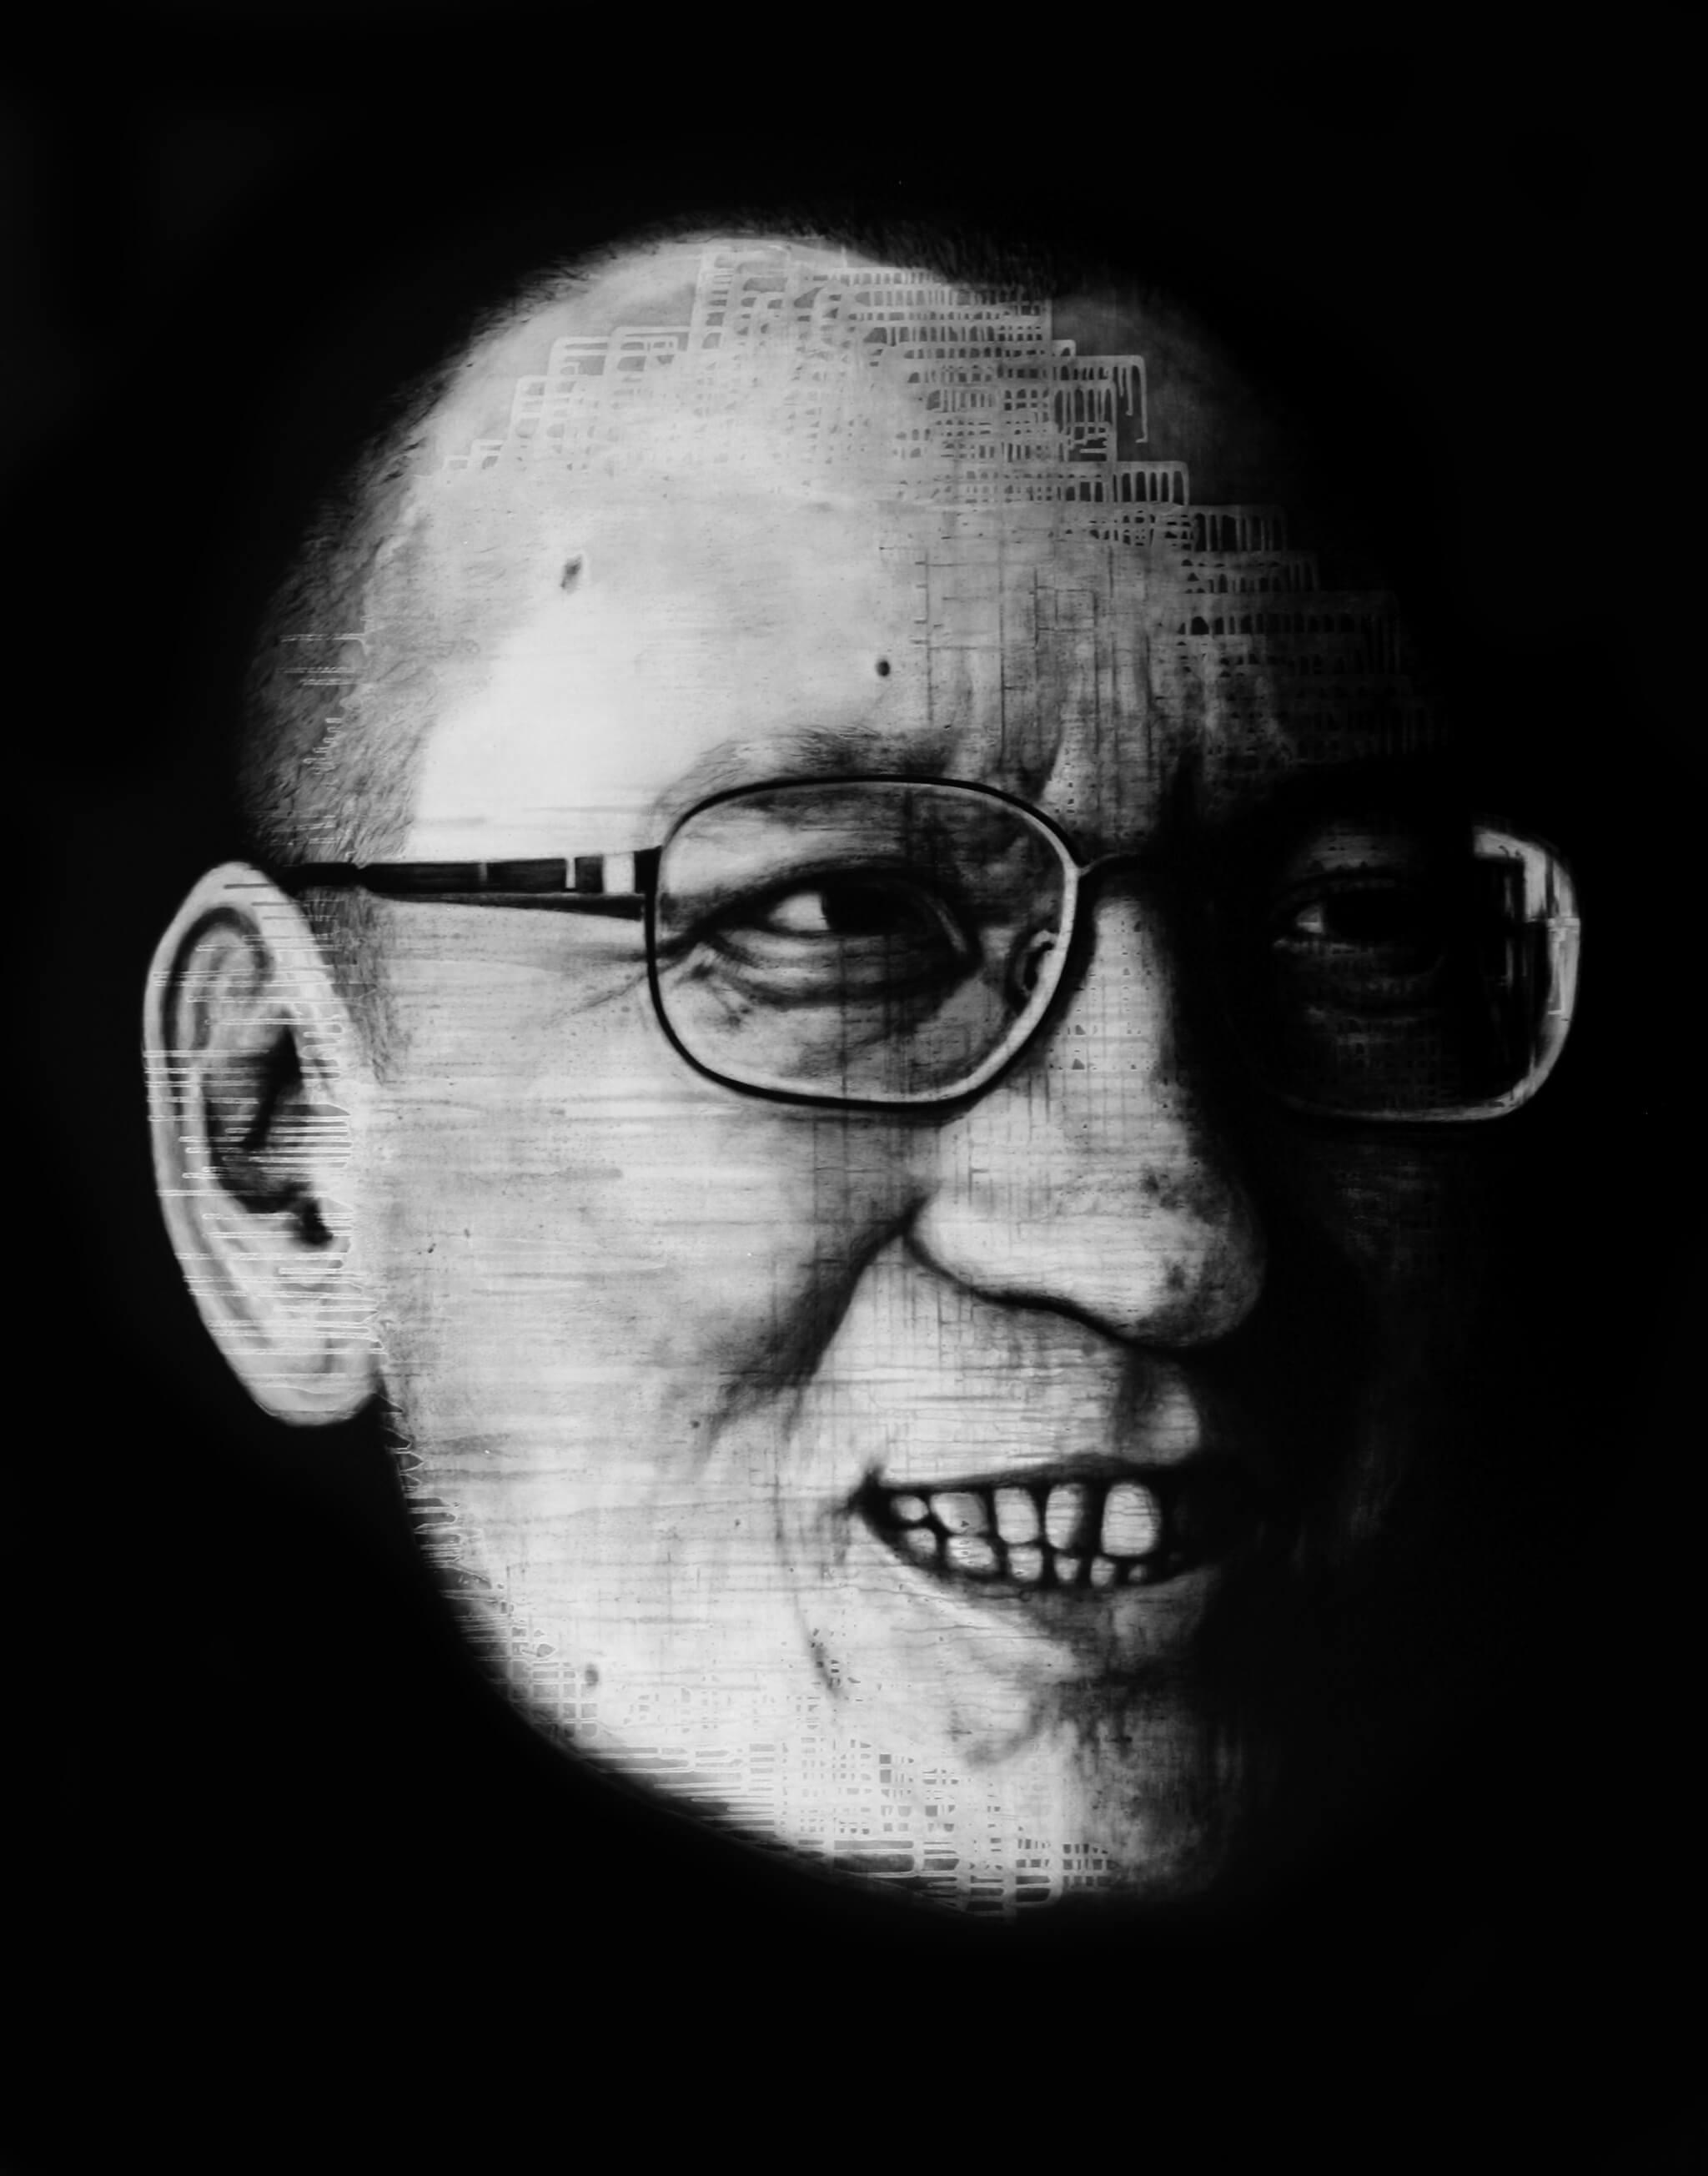 Liu Xiaobo, 2010